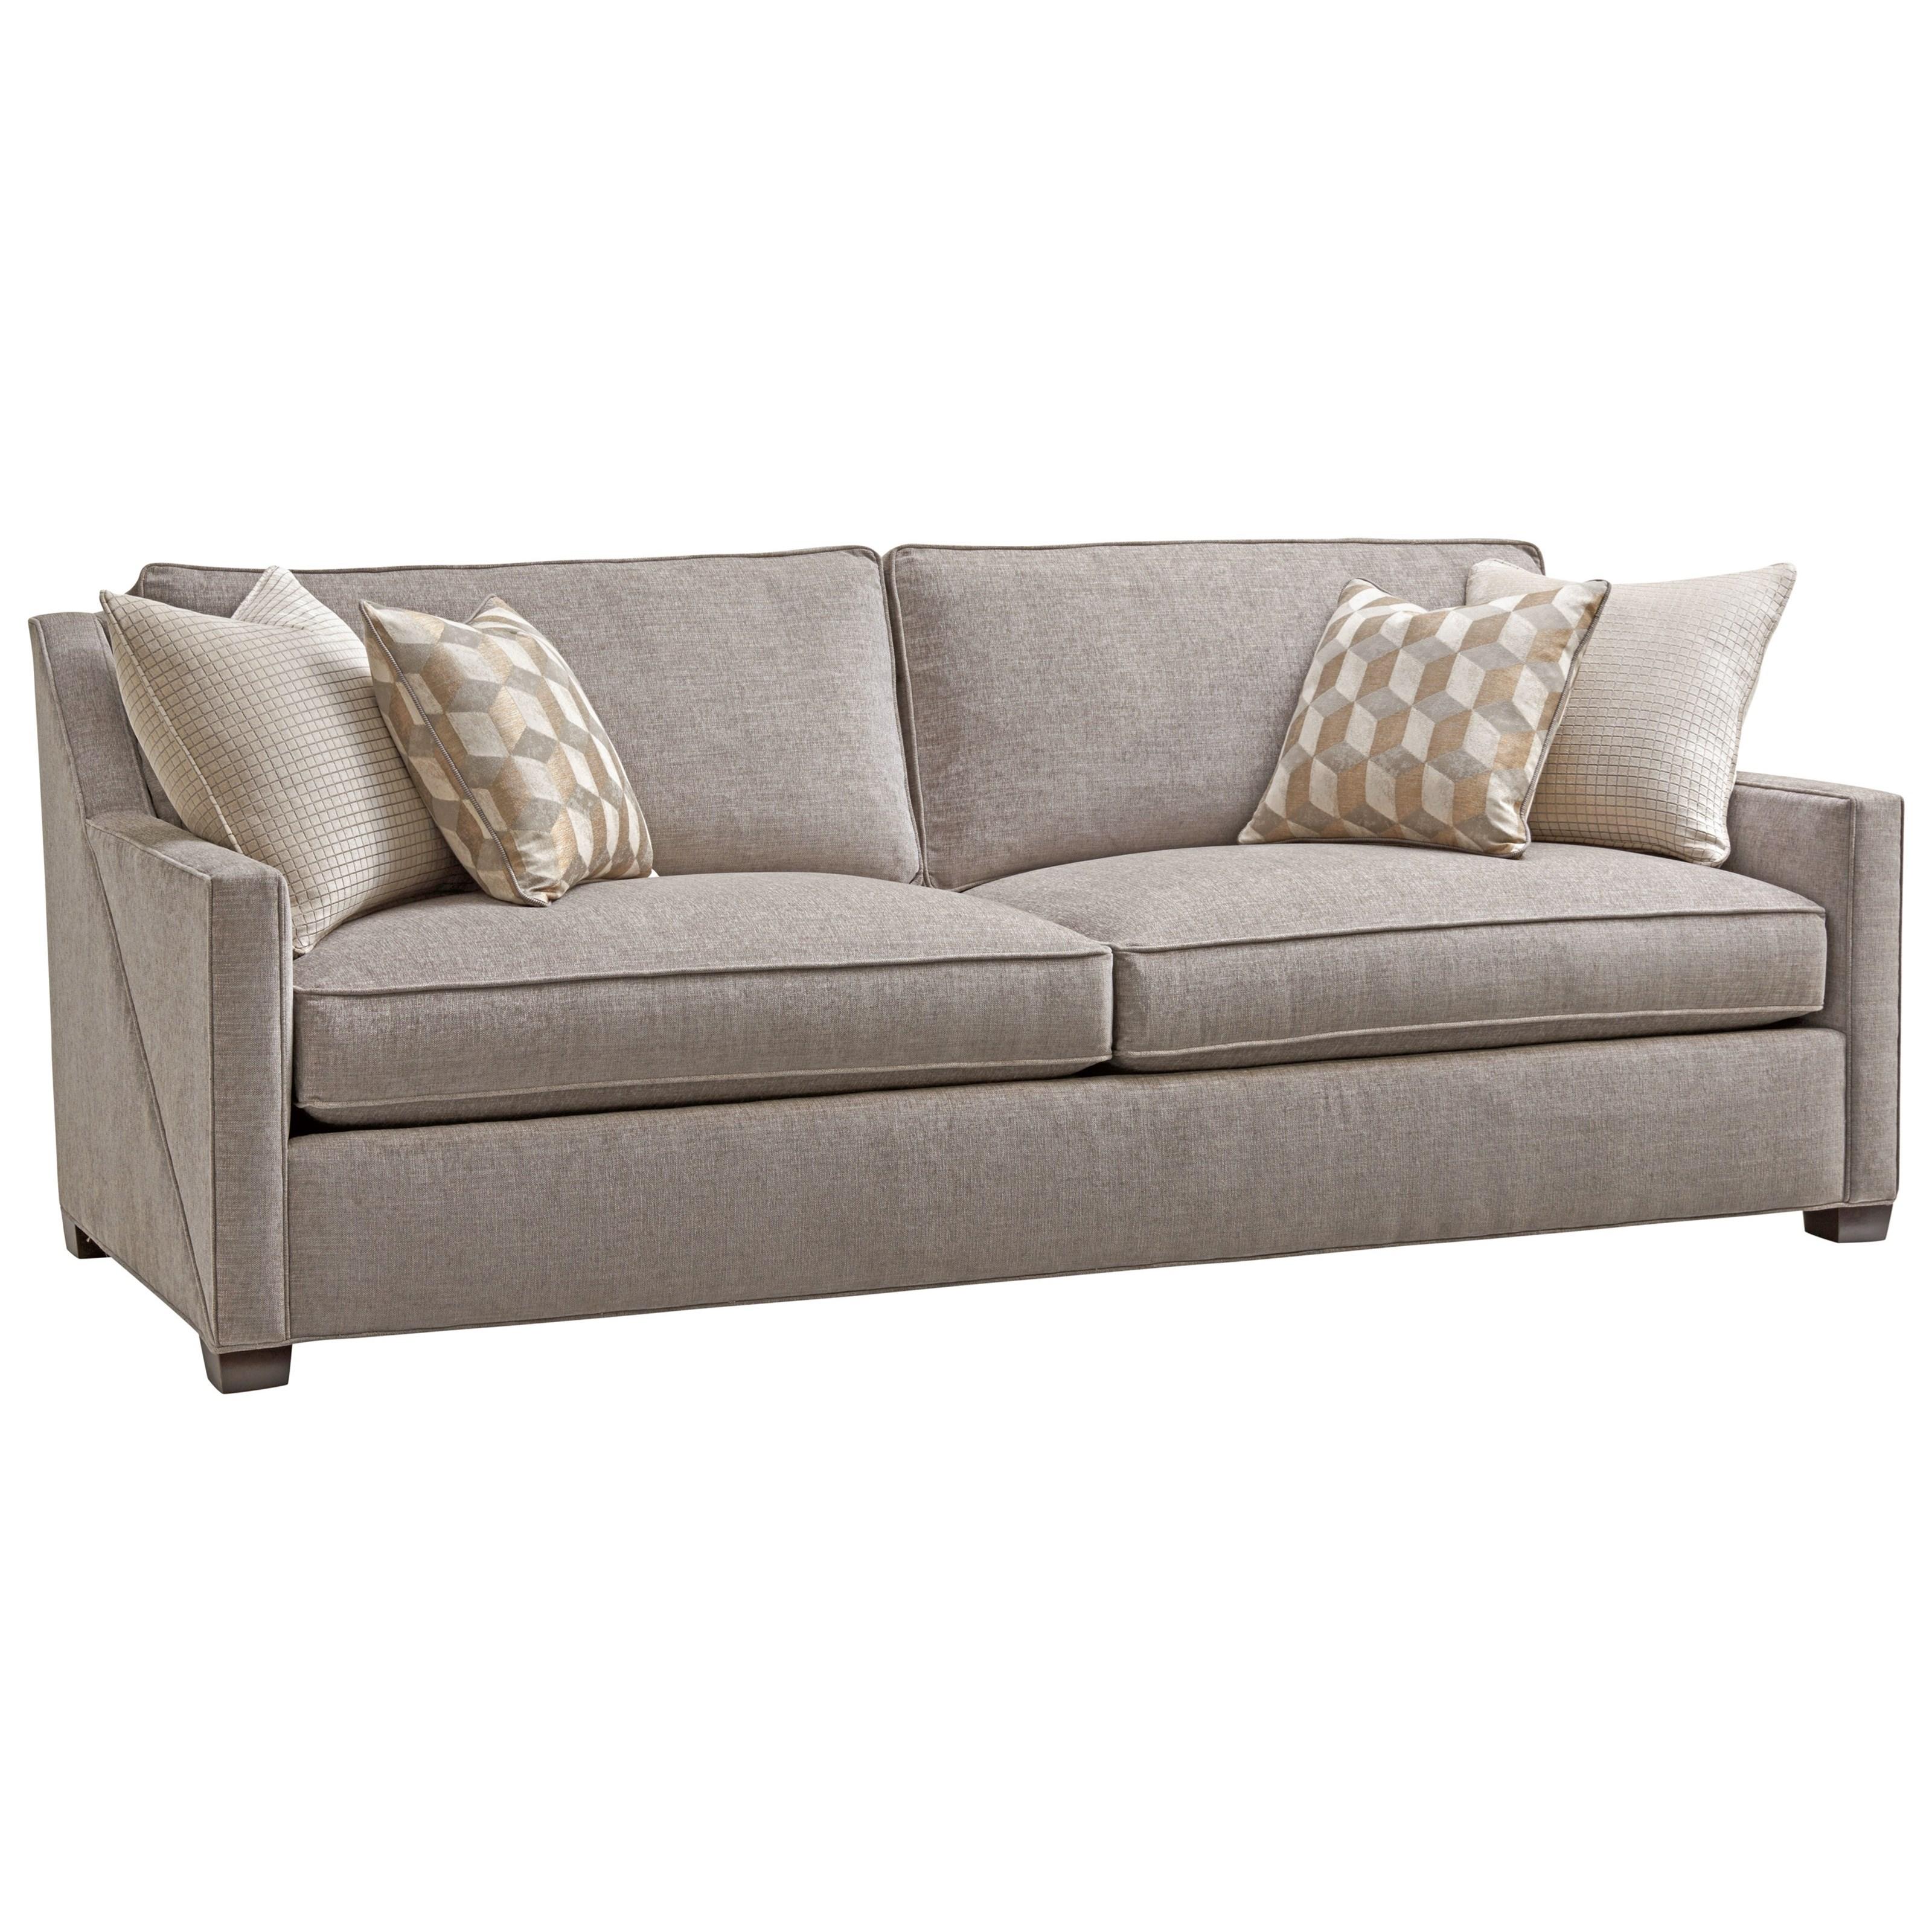 Lexington Zavala 7113 33 Wright Contemporary Two Seat Sofa John V Schultz Furniture Sofas